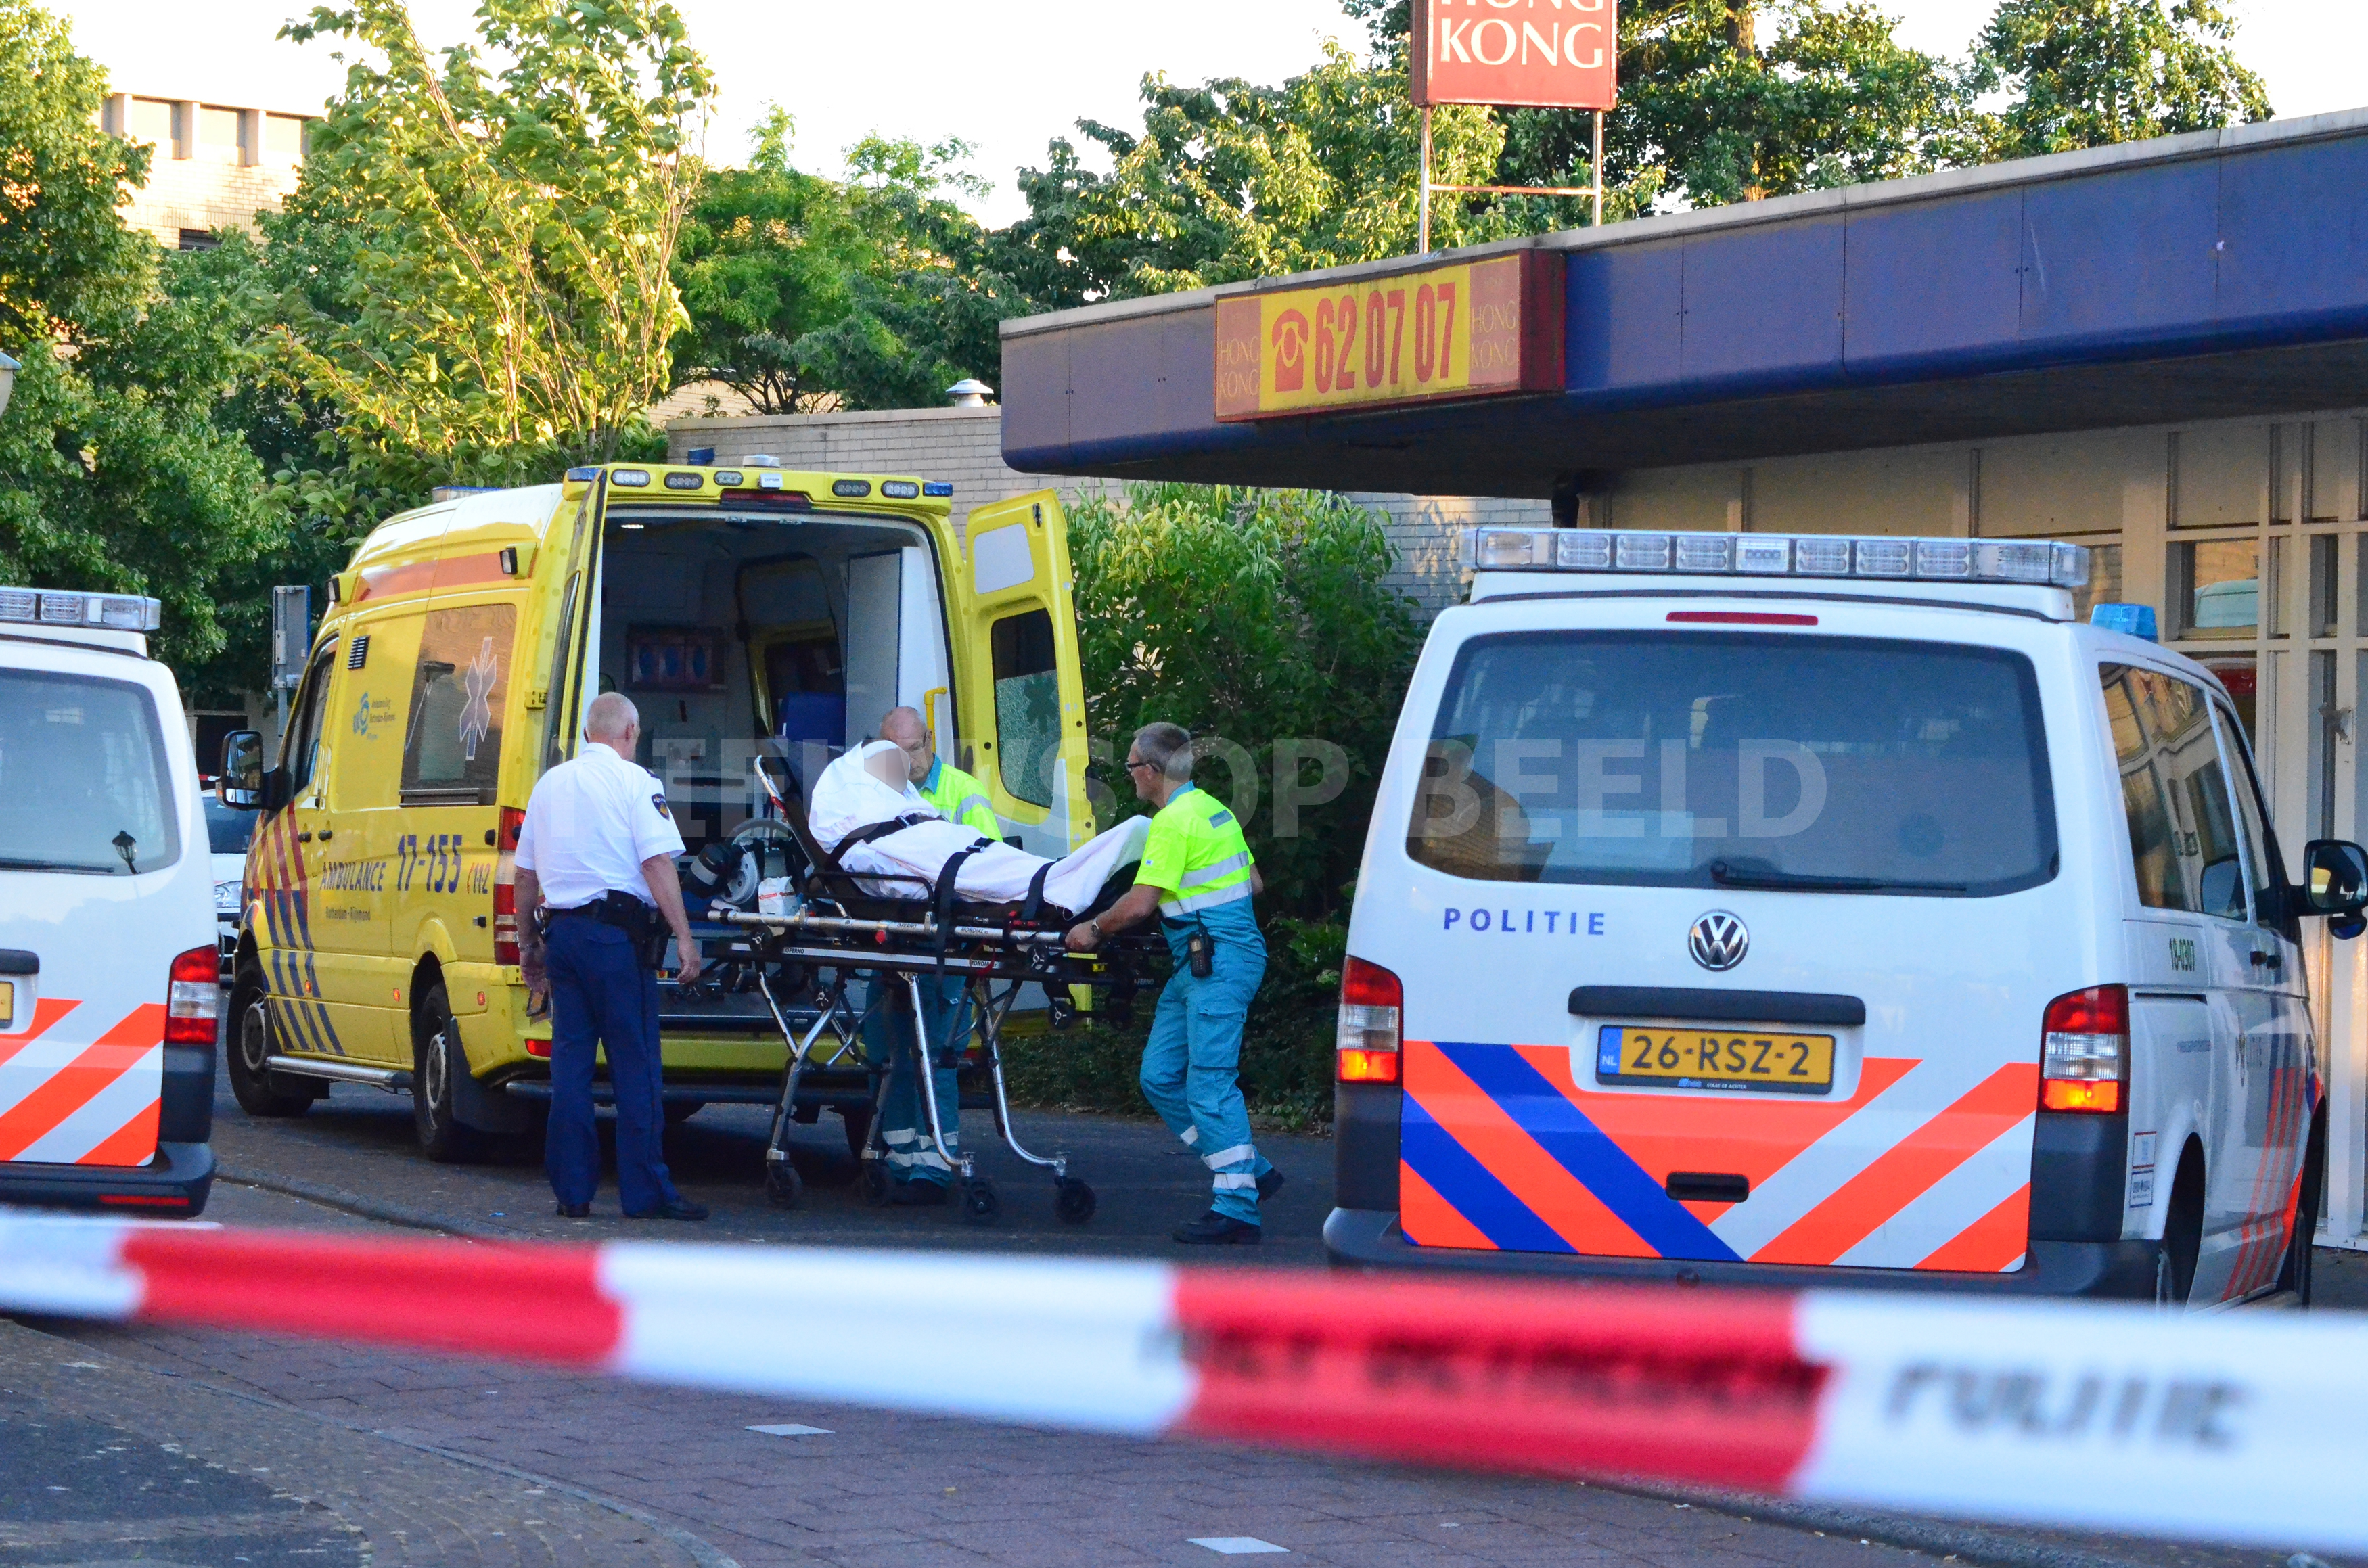 Overval loopt uit de hand, dader en medewerker gewond Molenaar Oud Beijerland